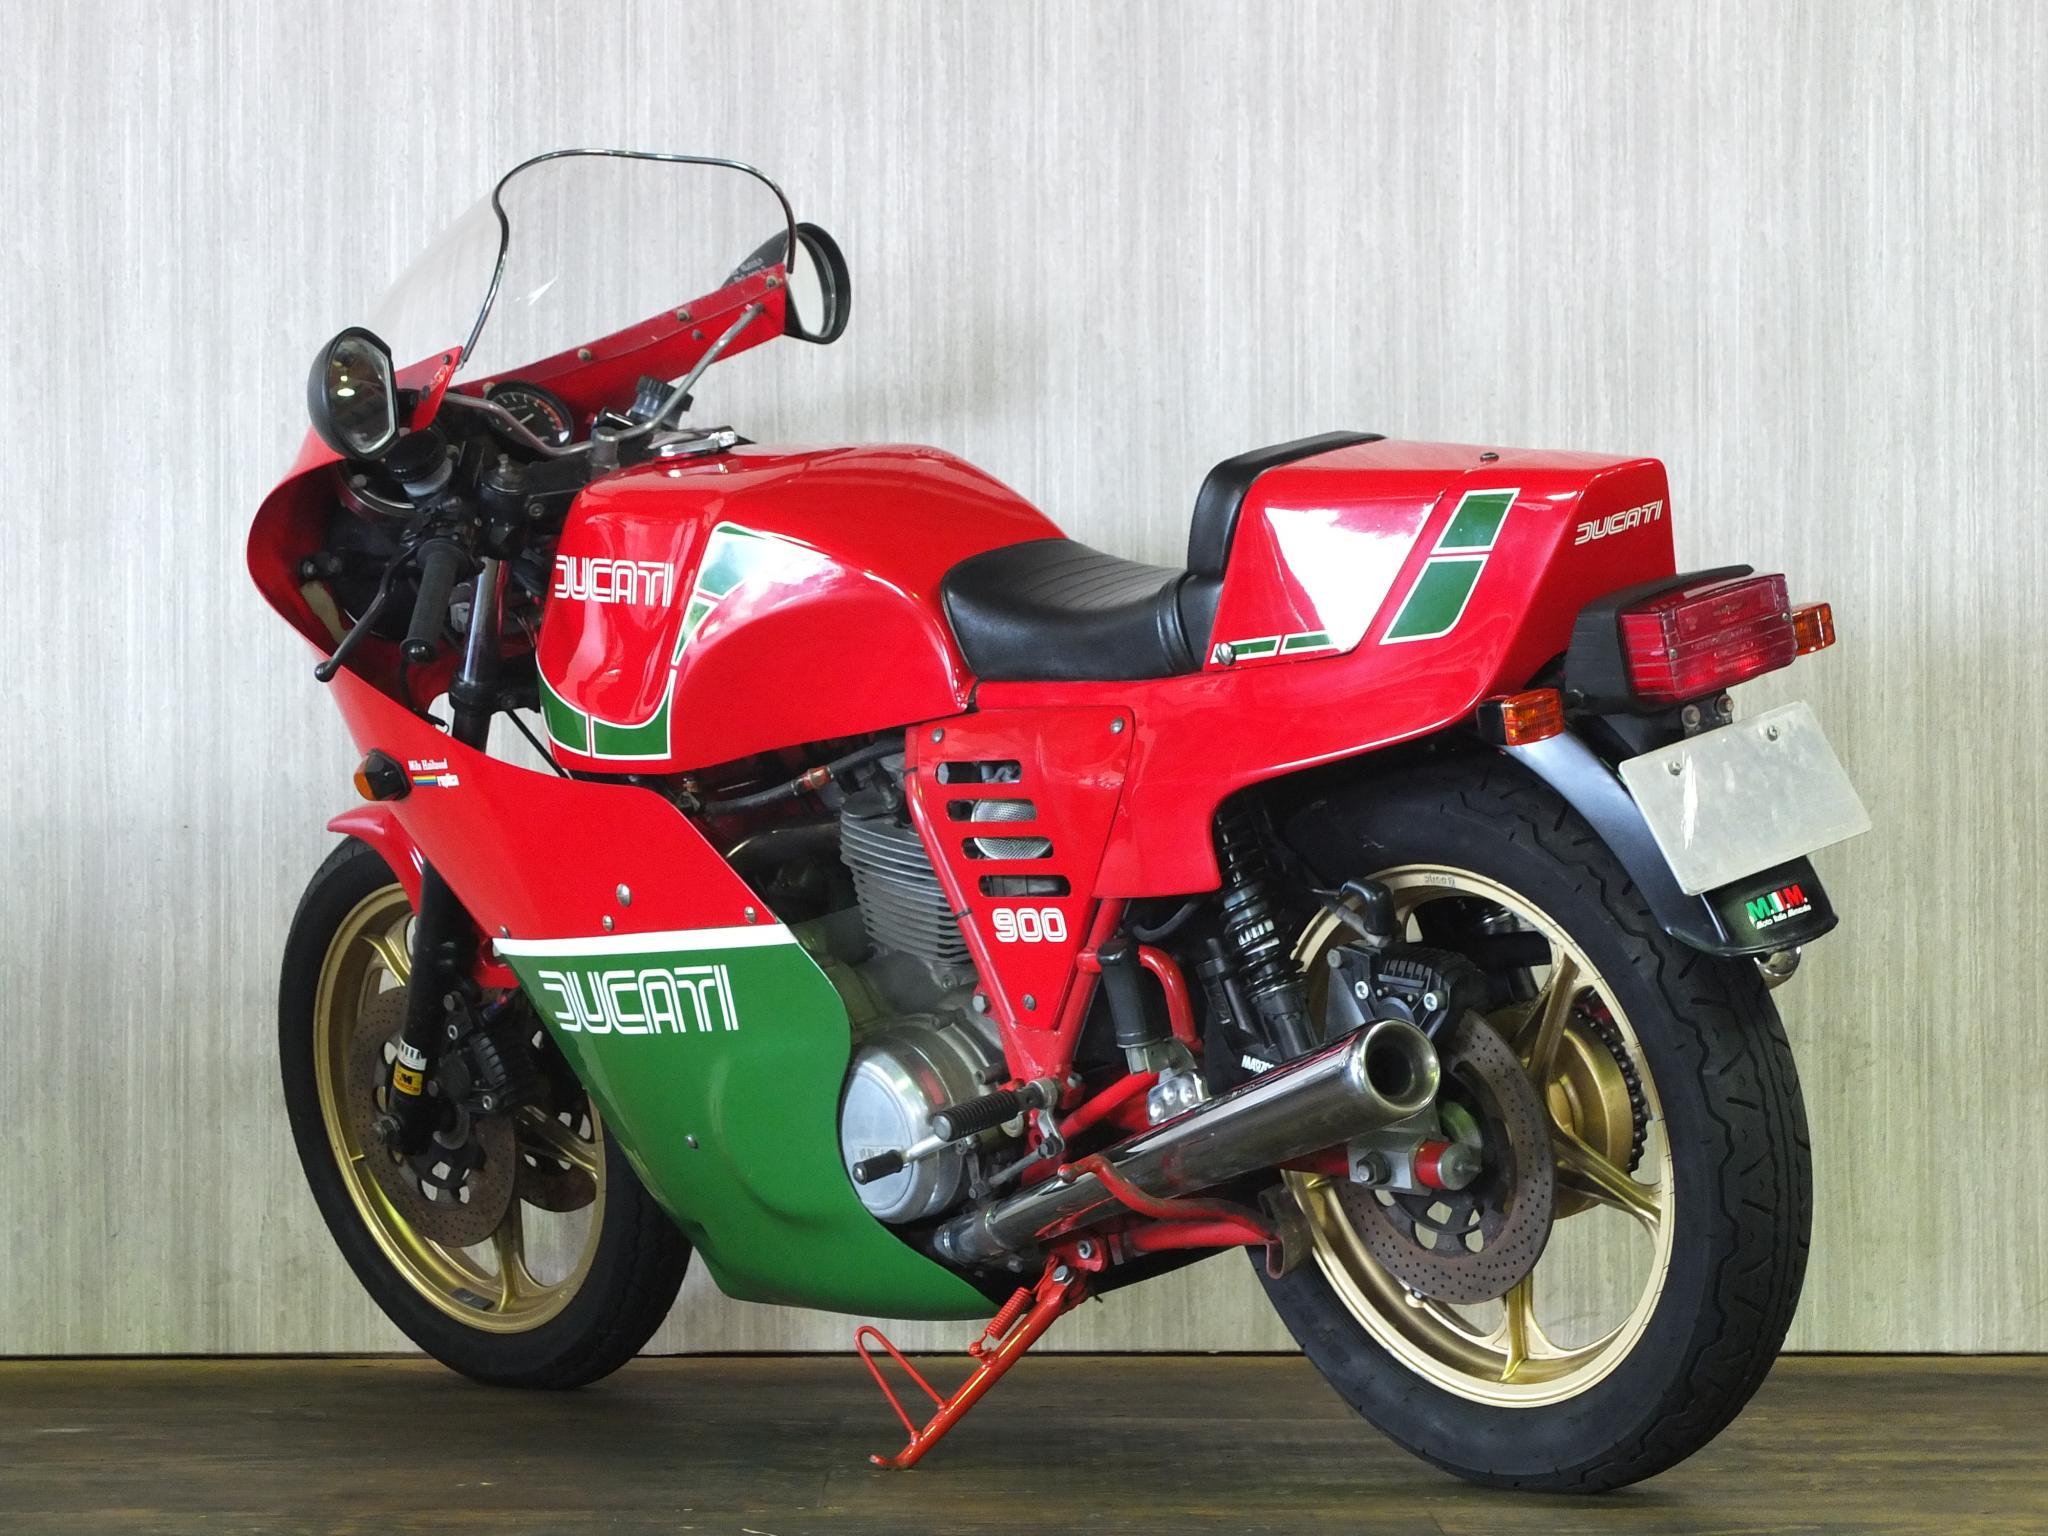 ドゥカティ 1983 Ducati MHR 900 R1 車体写真6